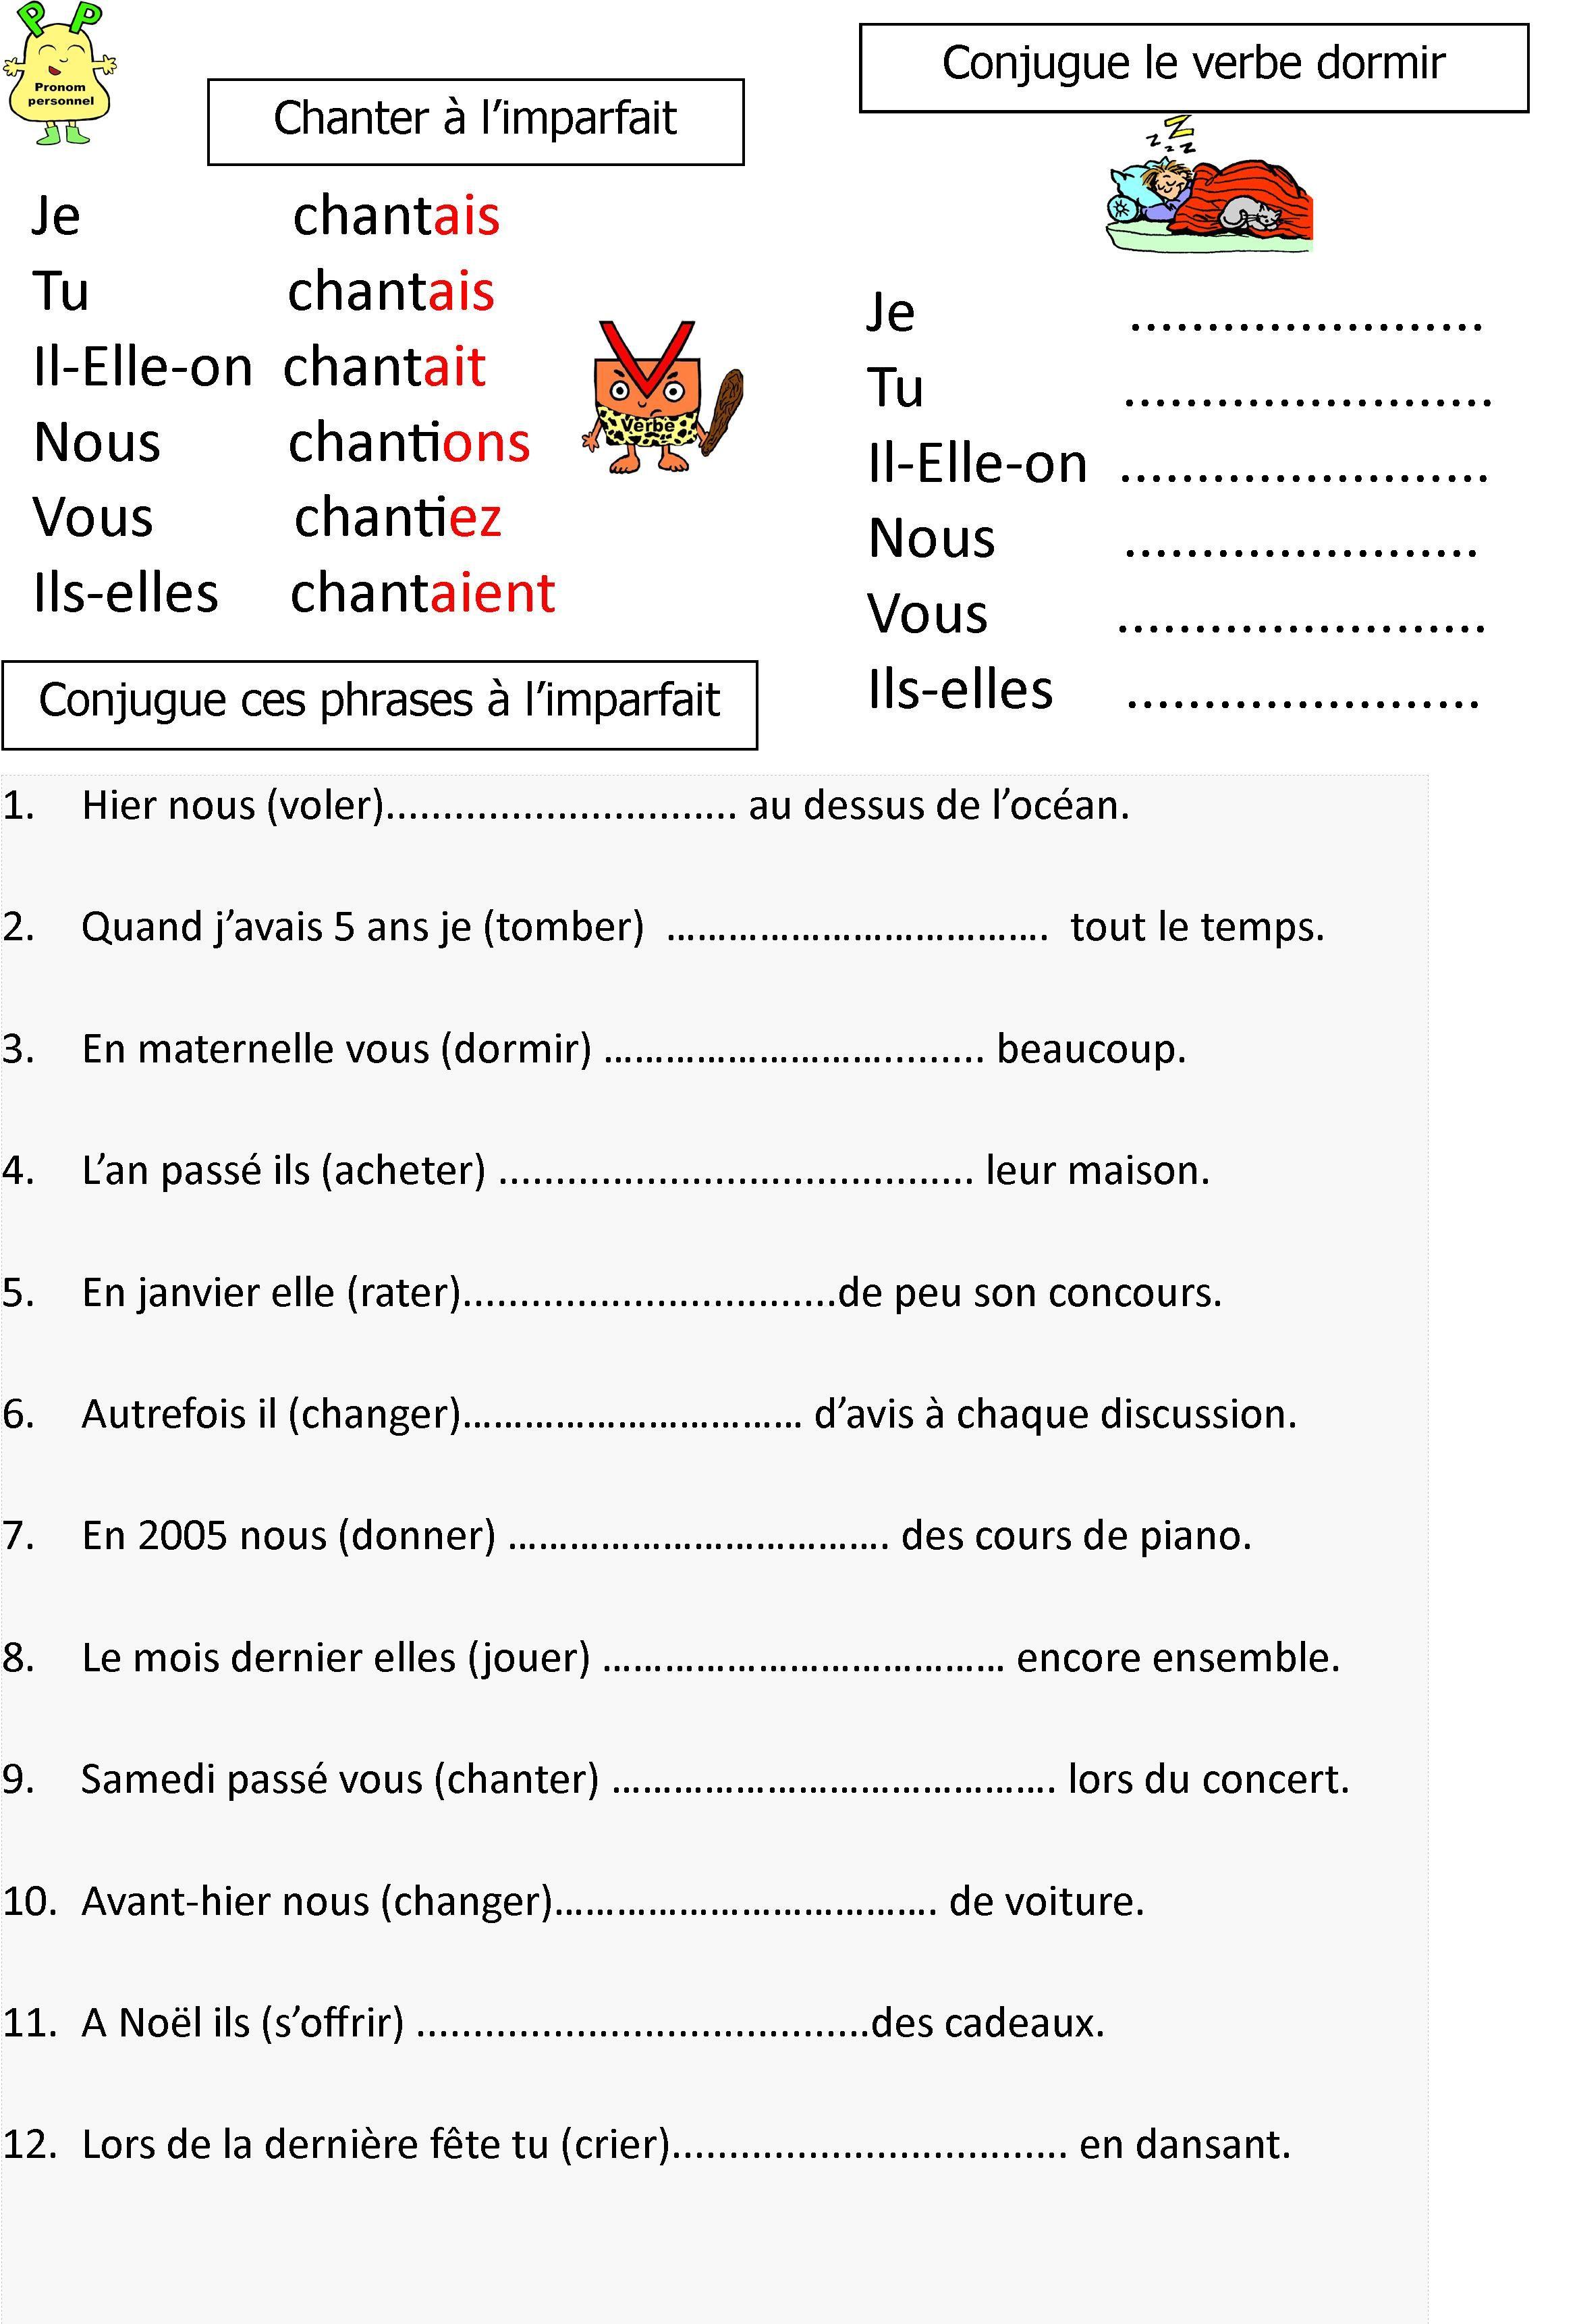 Le Blog De Monsieur Mathieu Des Jeux Et Des Ressources Pour Apprendre En Jouant Exercices Imparfait Exercice Ce2 Exercice Francais Ce1